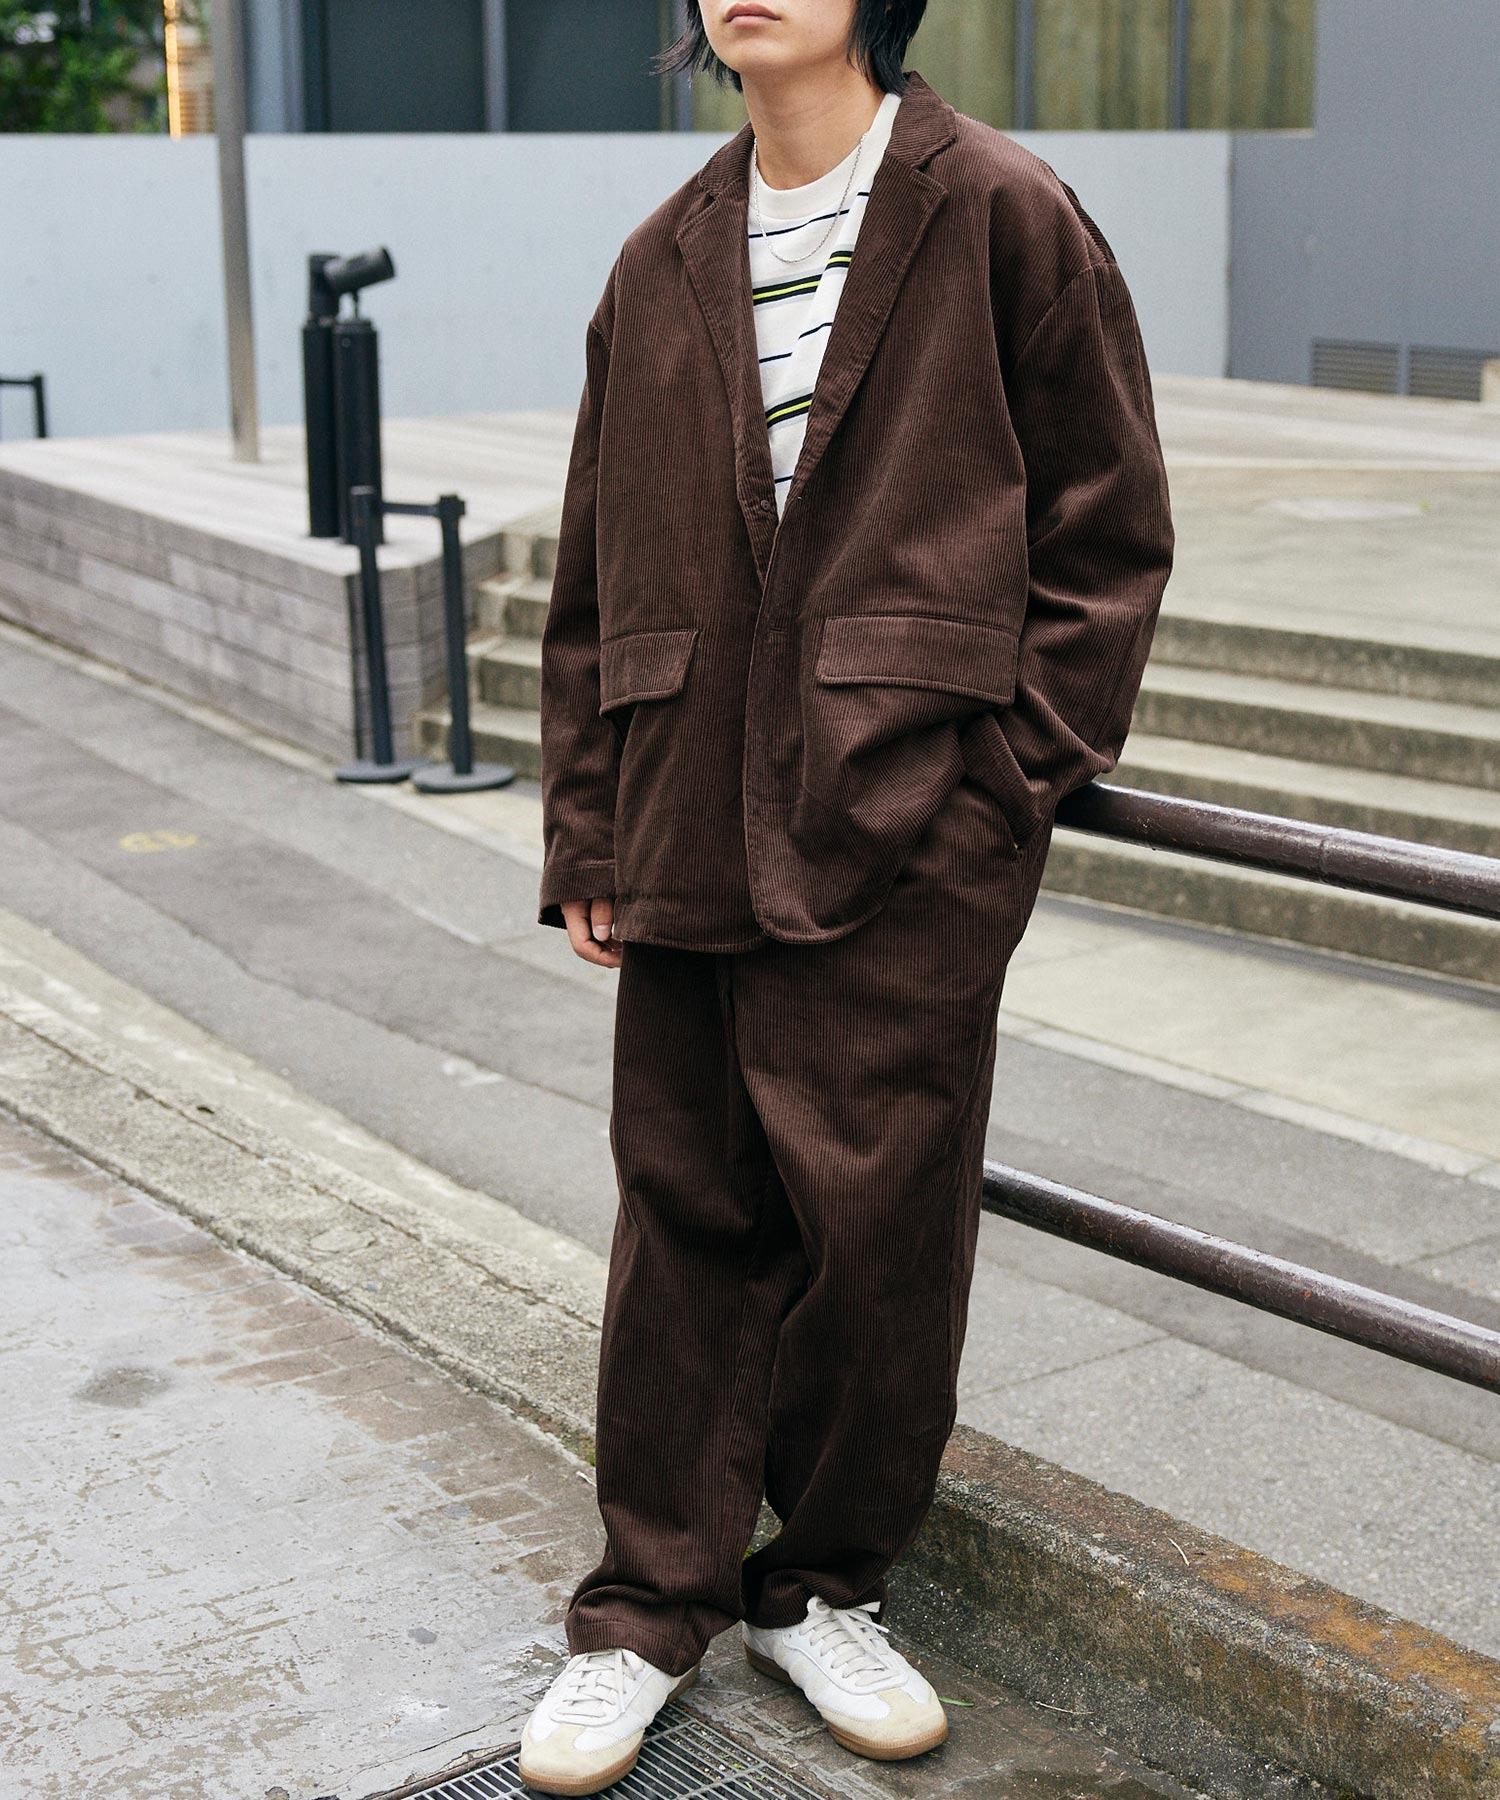 【セットアップ】ビッグシルエット オーバーサイズ コーデュロイ シングルジャケット & タックテーパードパンツ